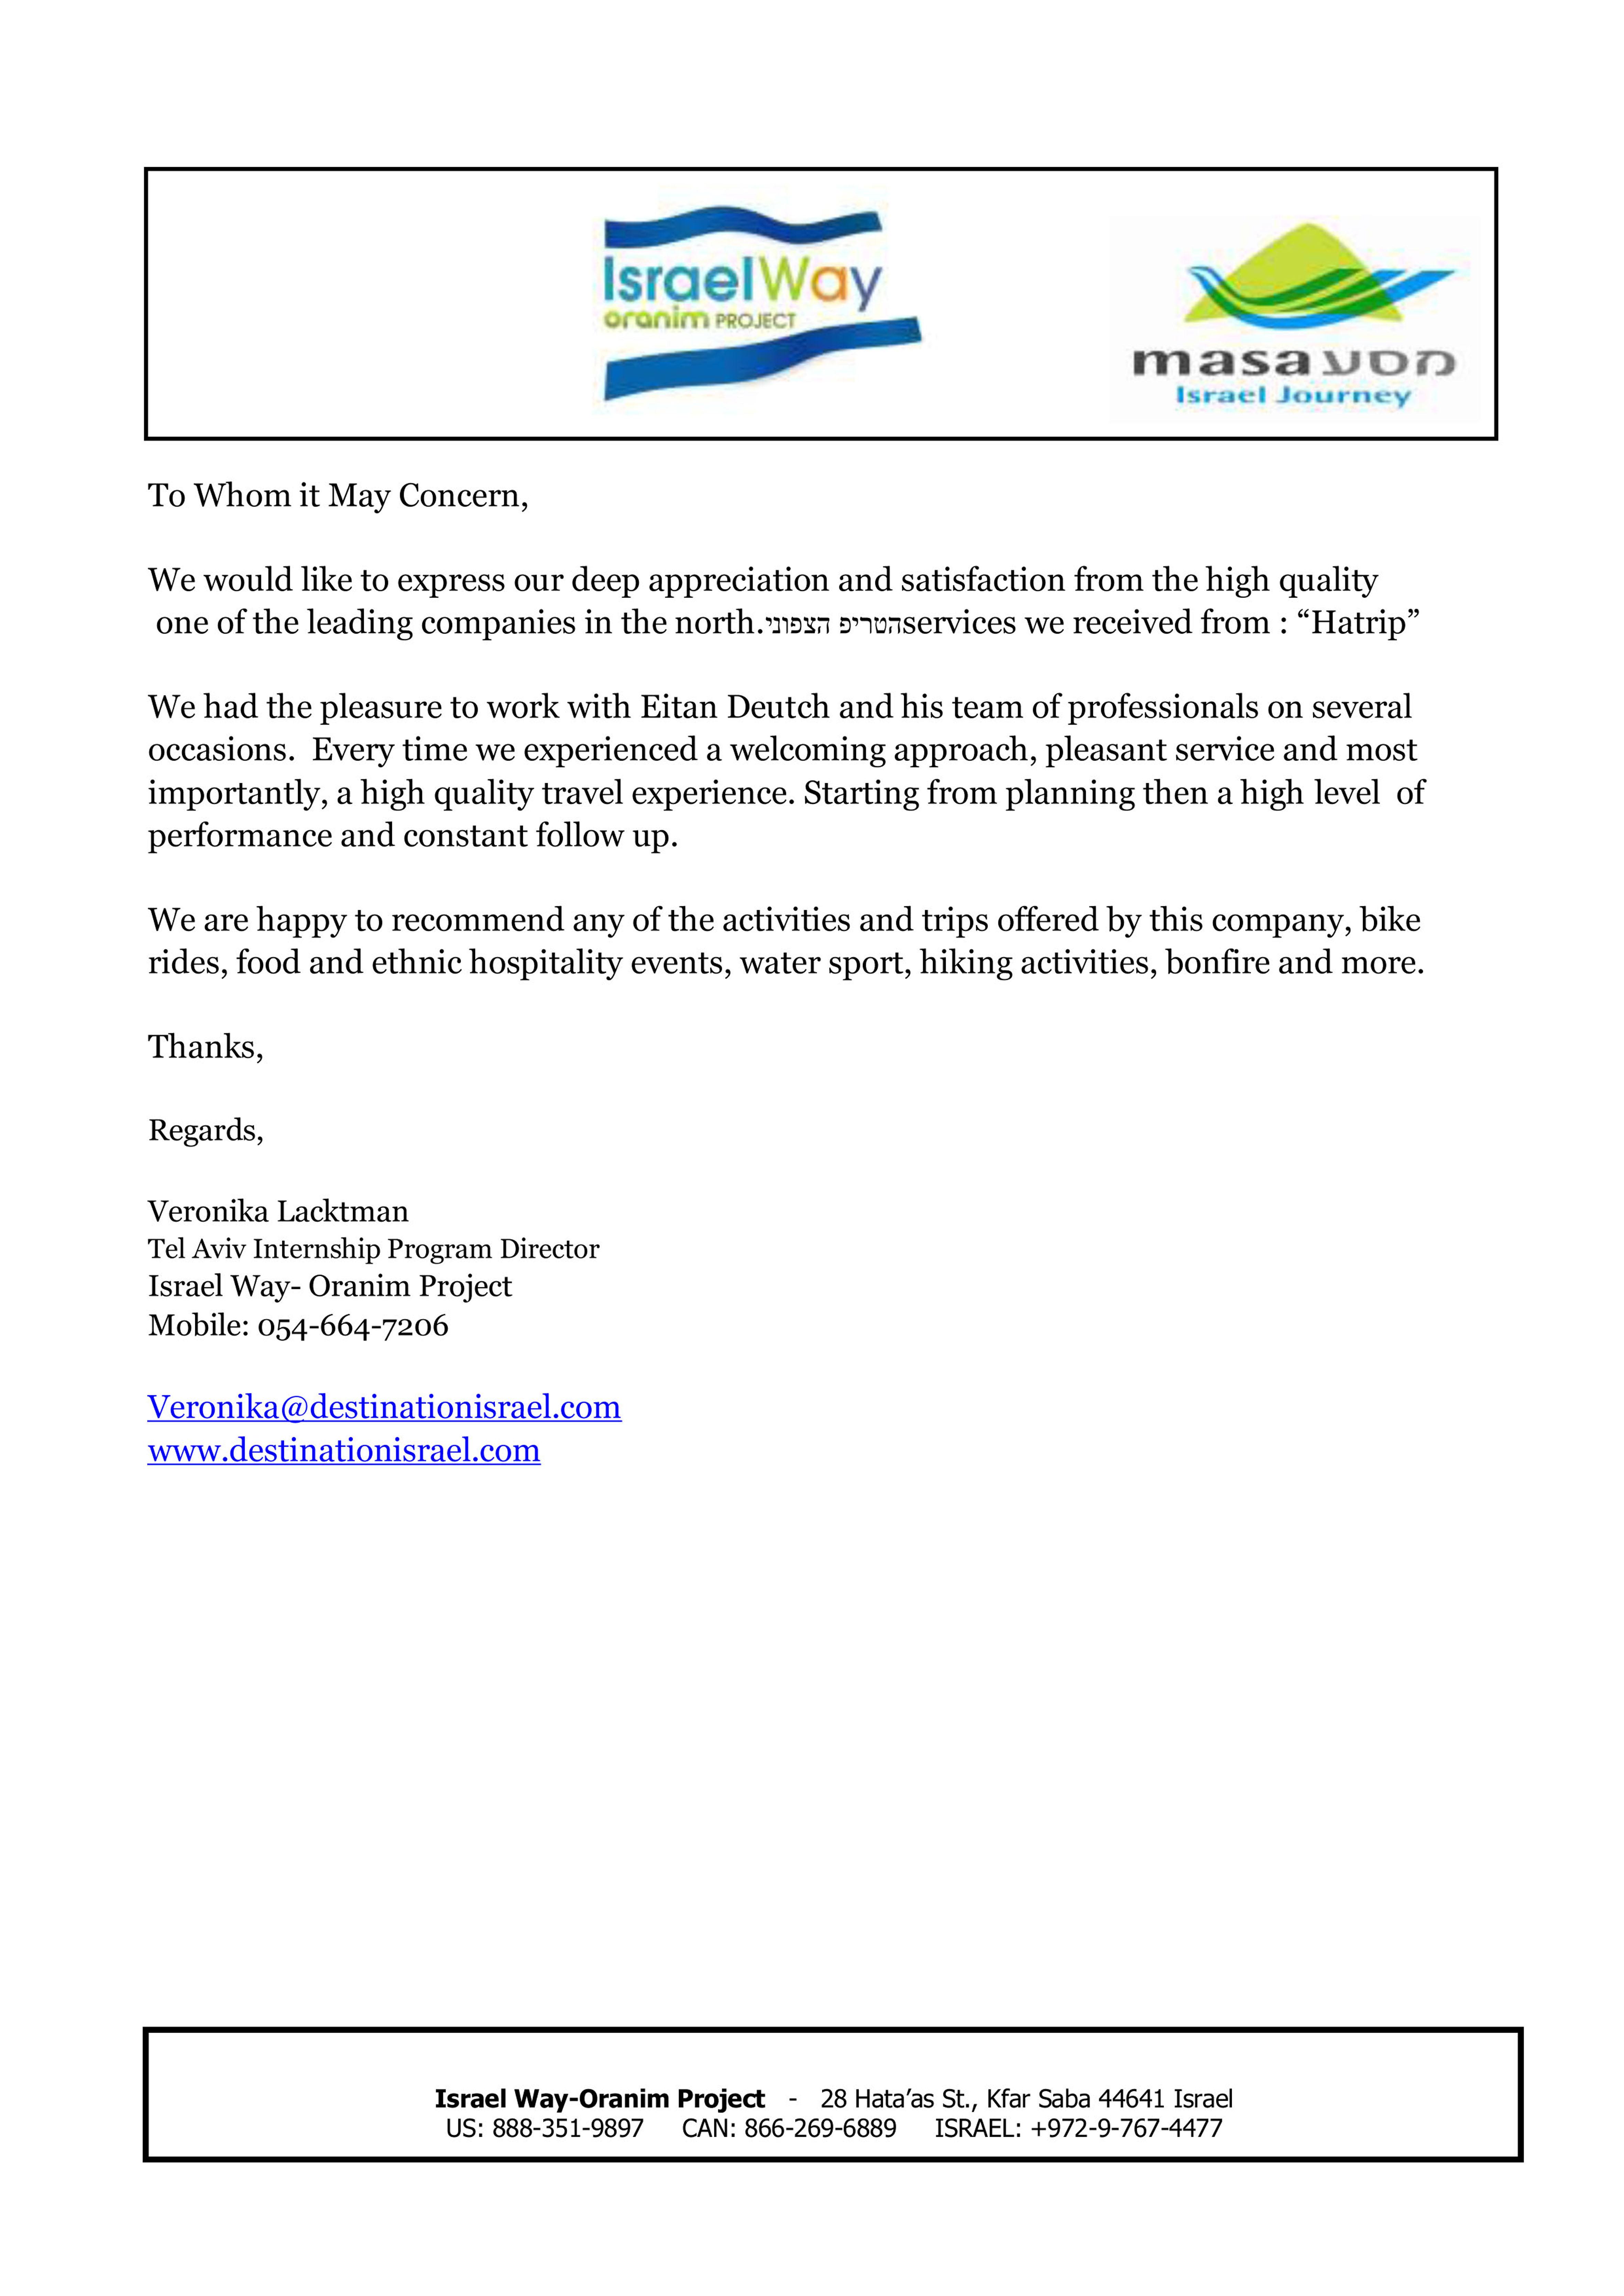 מכתב תודה Israel way